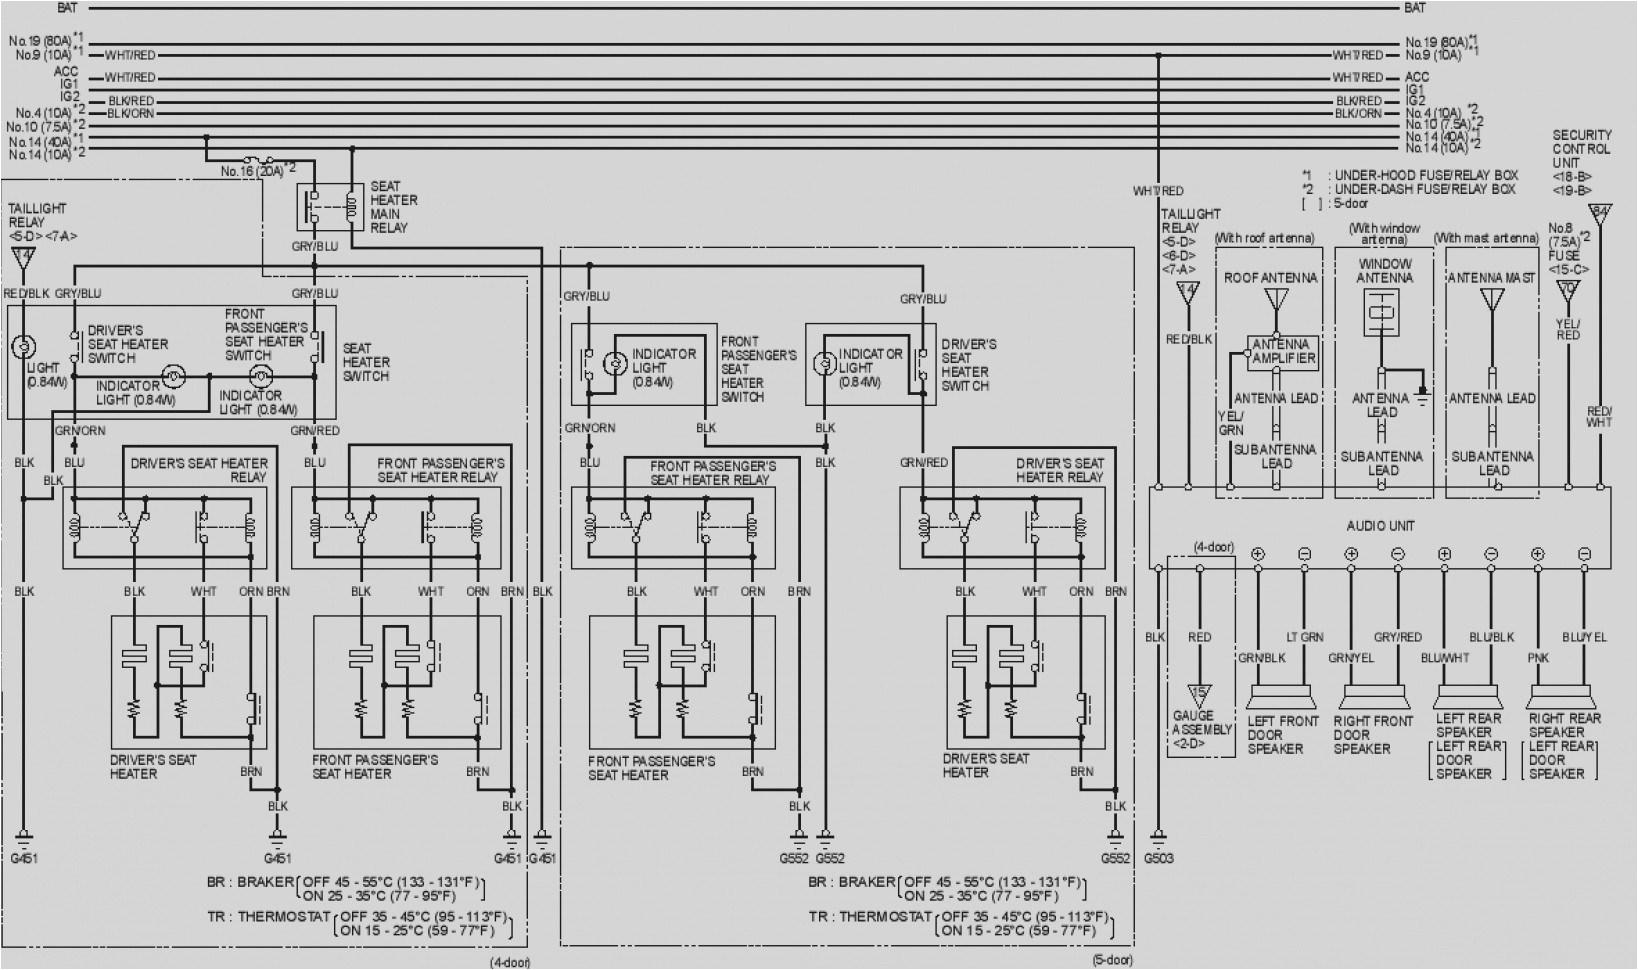 97 honda civic headlight wiring wiring diagram sheet honda civic headlight wiring diagram honda civic headlight wiring diagram